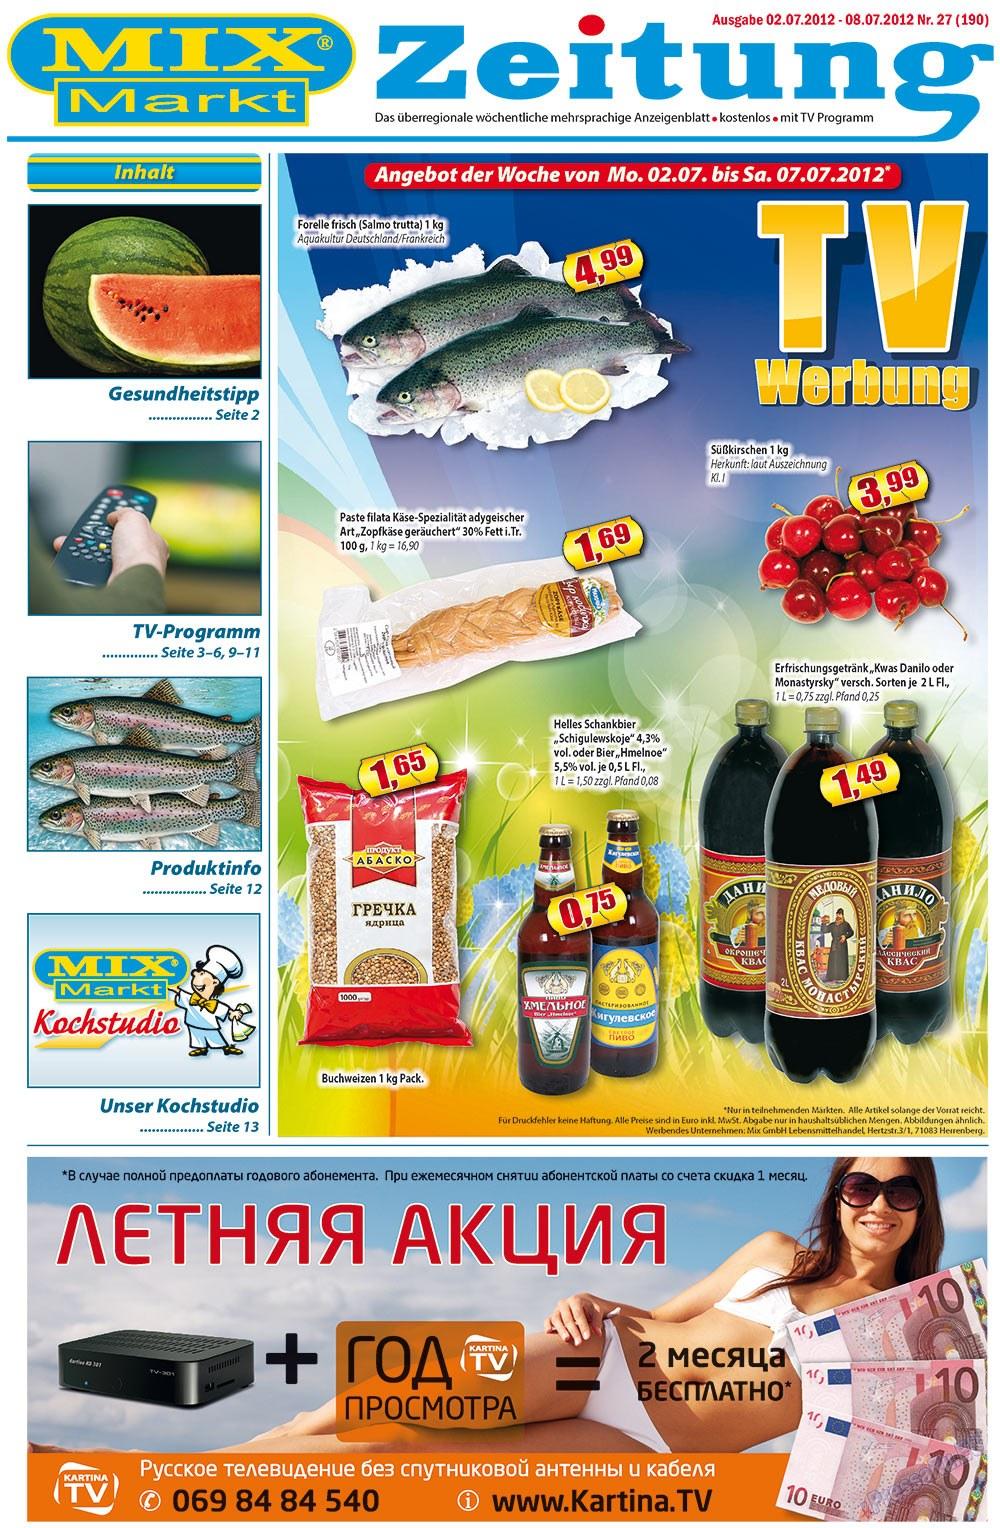 MIX-Markt Zeitung (газета). 2012 год, номер 27, стр. 1